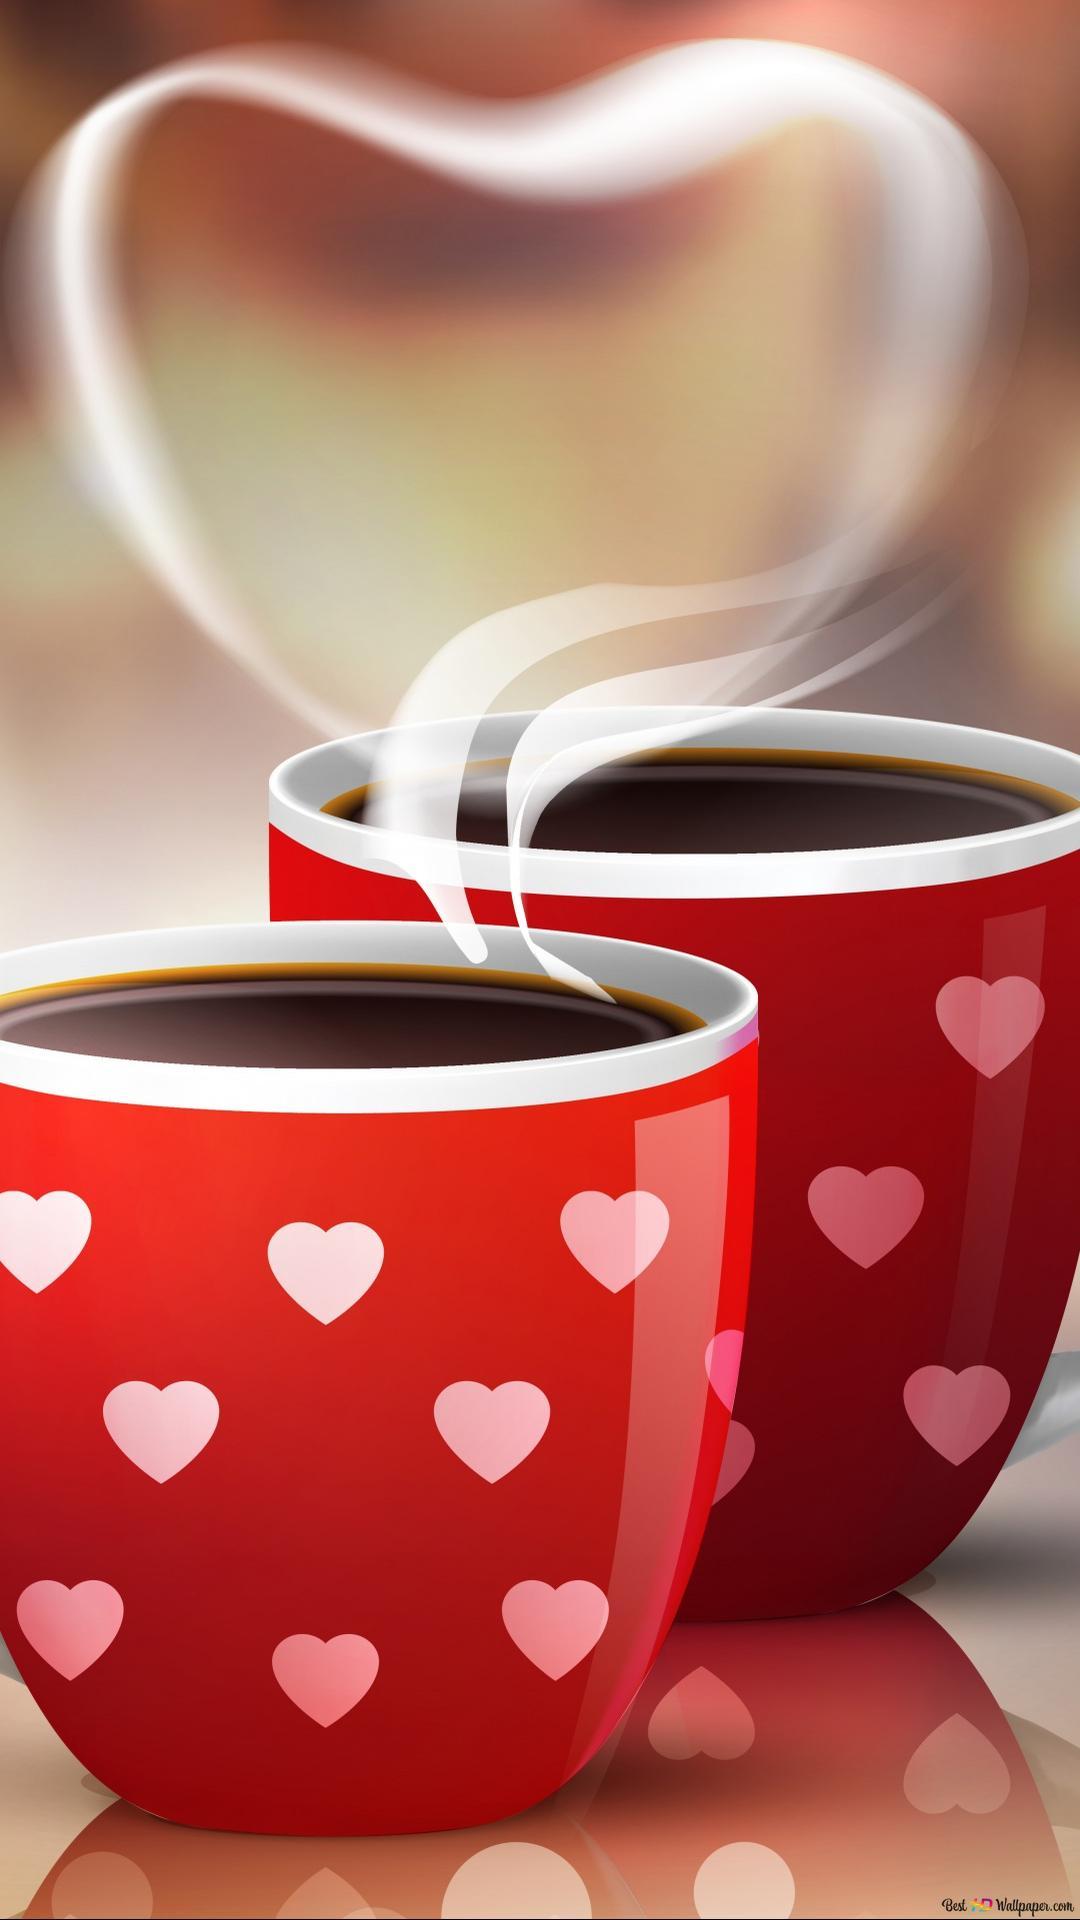 バレンタインデー 芸術的コーヒーカップ Hd壁紙のダウンロード